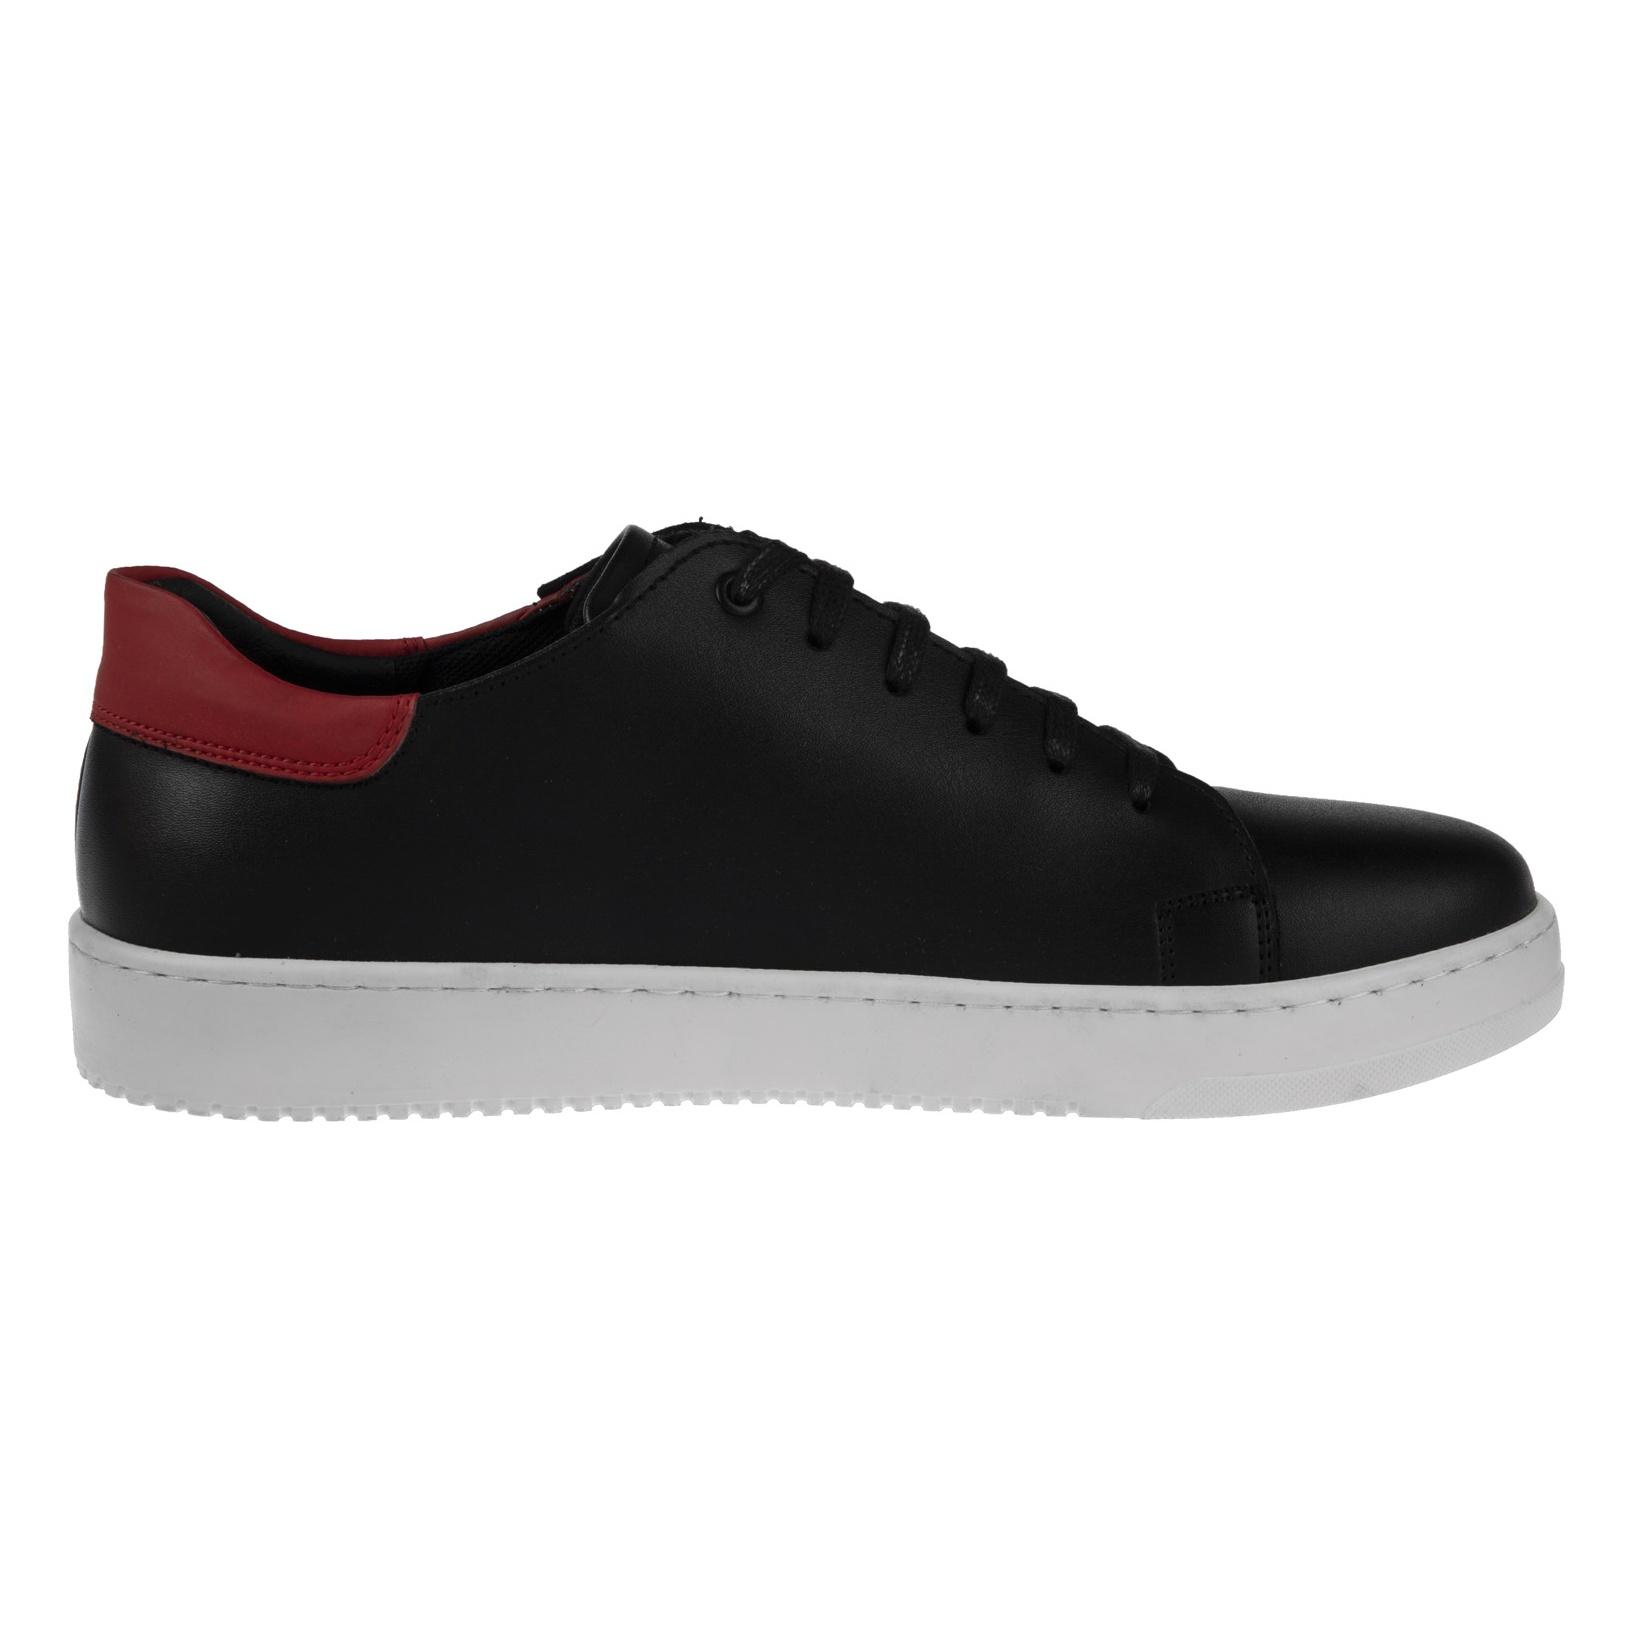 کفش روزمره مردانه ام تو مدل 306-0005